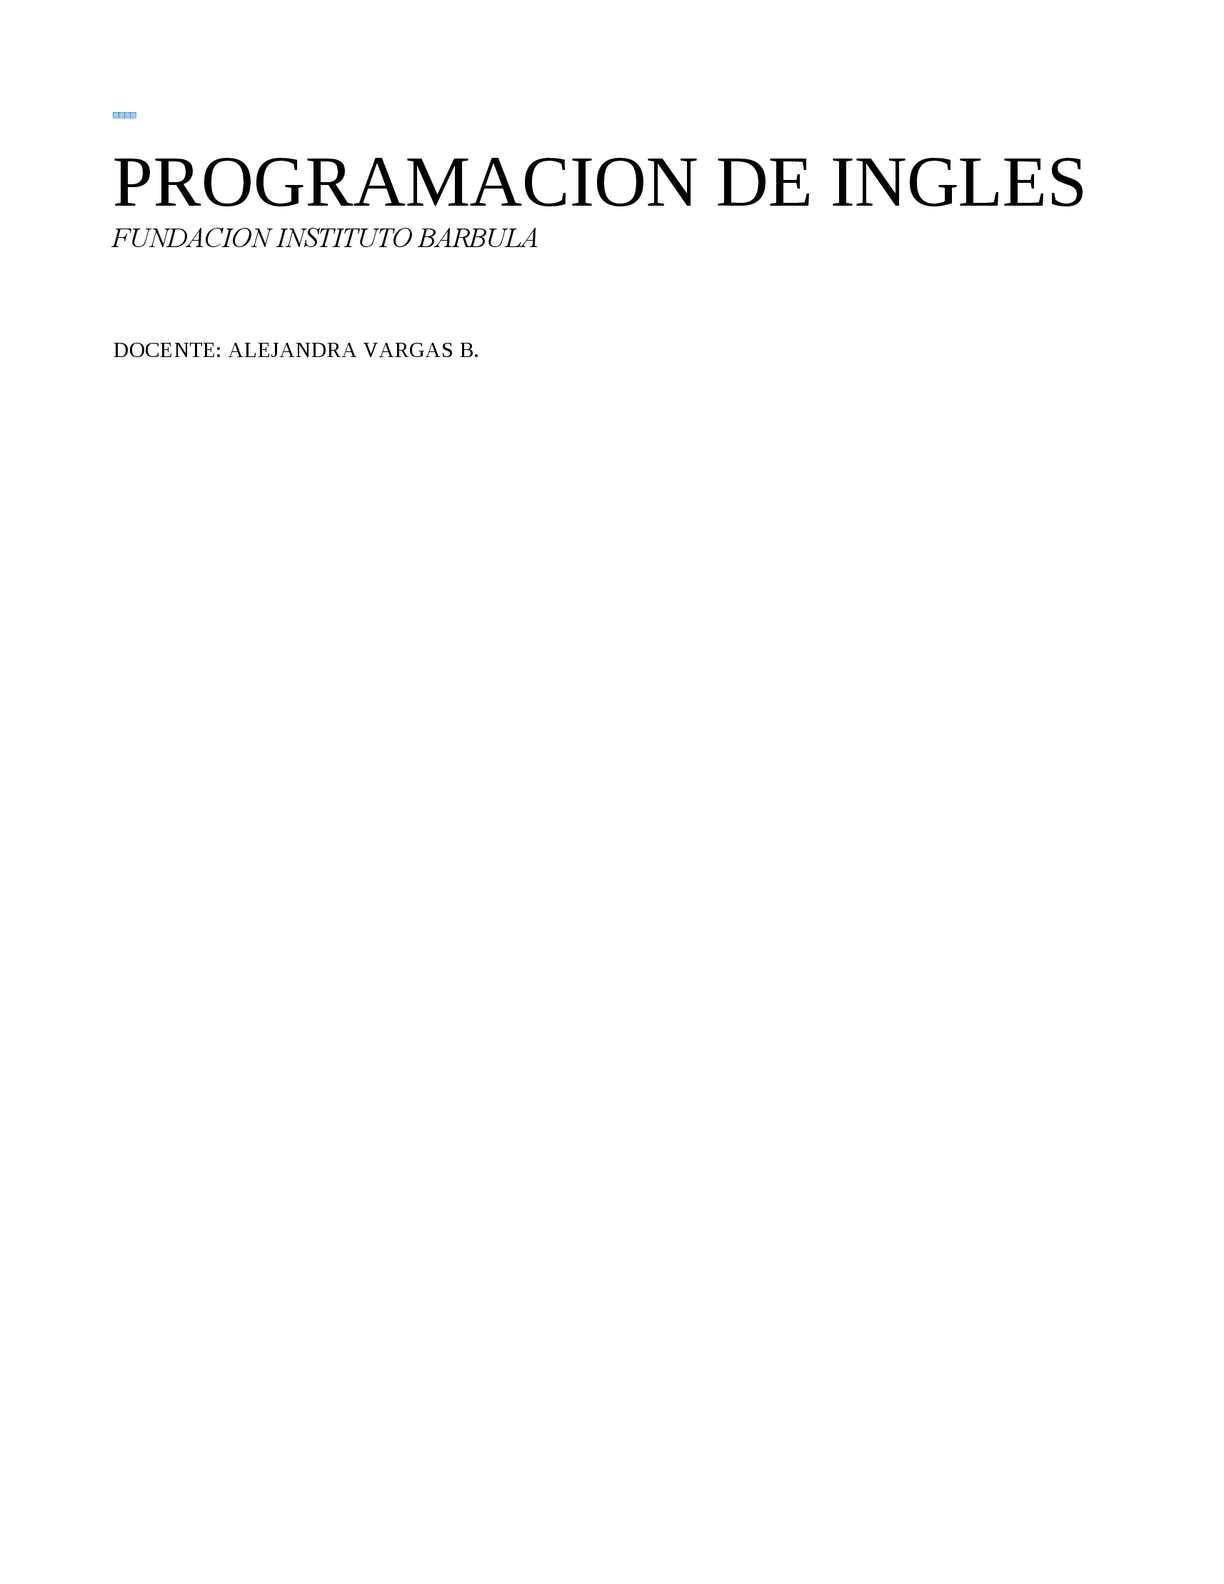 Calaméo Programacion Ingles 2014